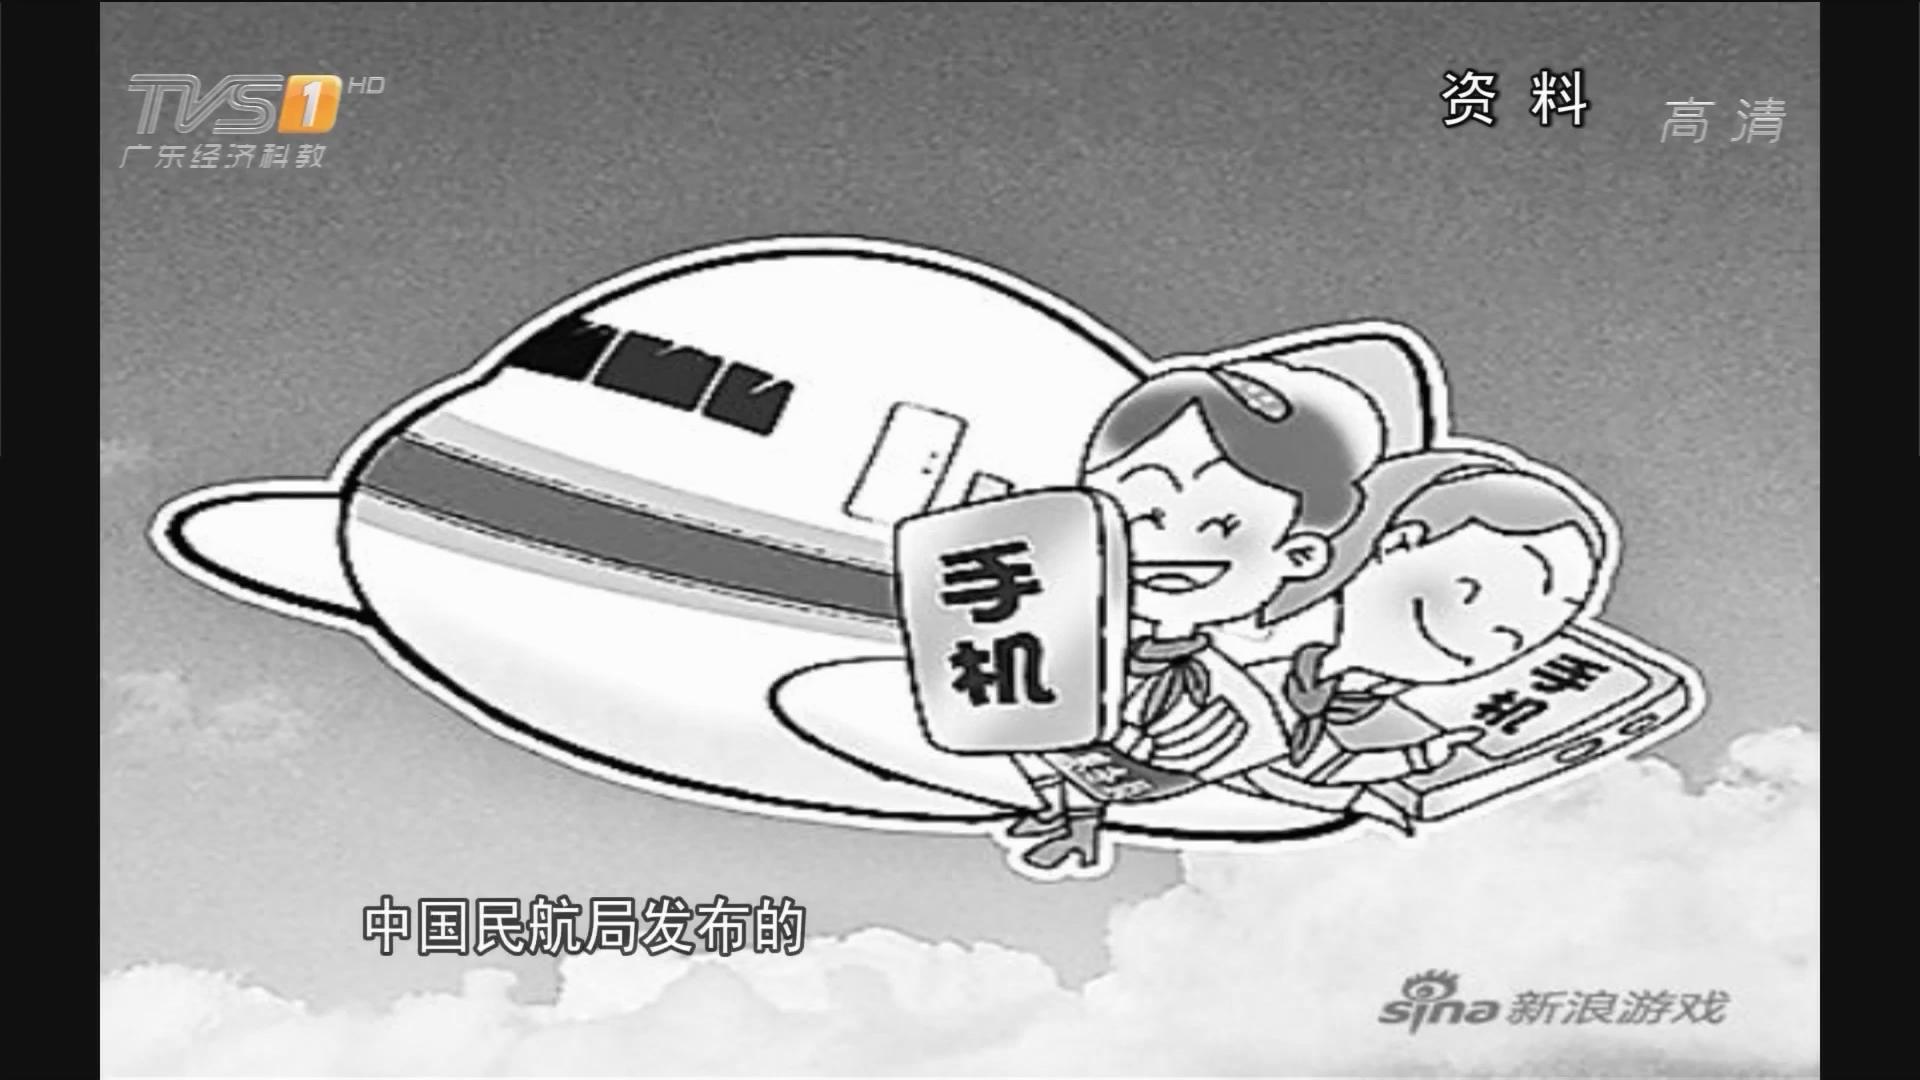 新规:飞机上玩手机等 最高拟罚5万